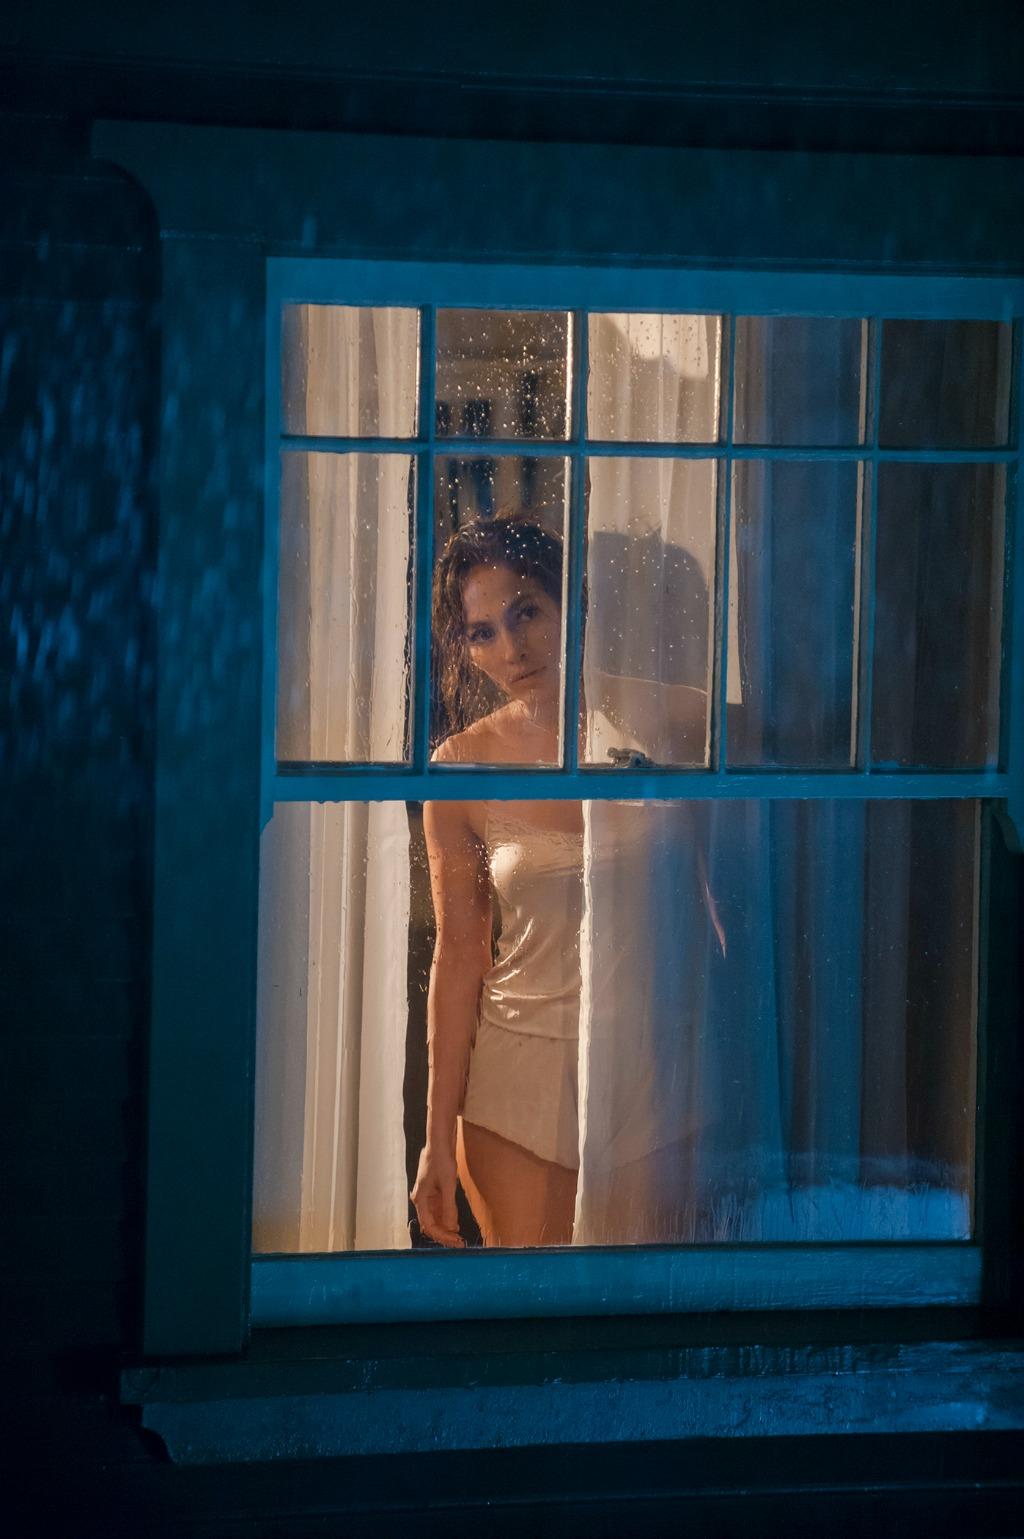 Jennifer Lopez is Worried in u0026#39;The Boy Next Dooru0026#39; Stills ...